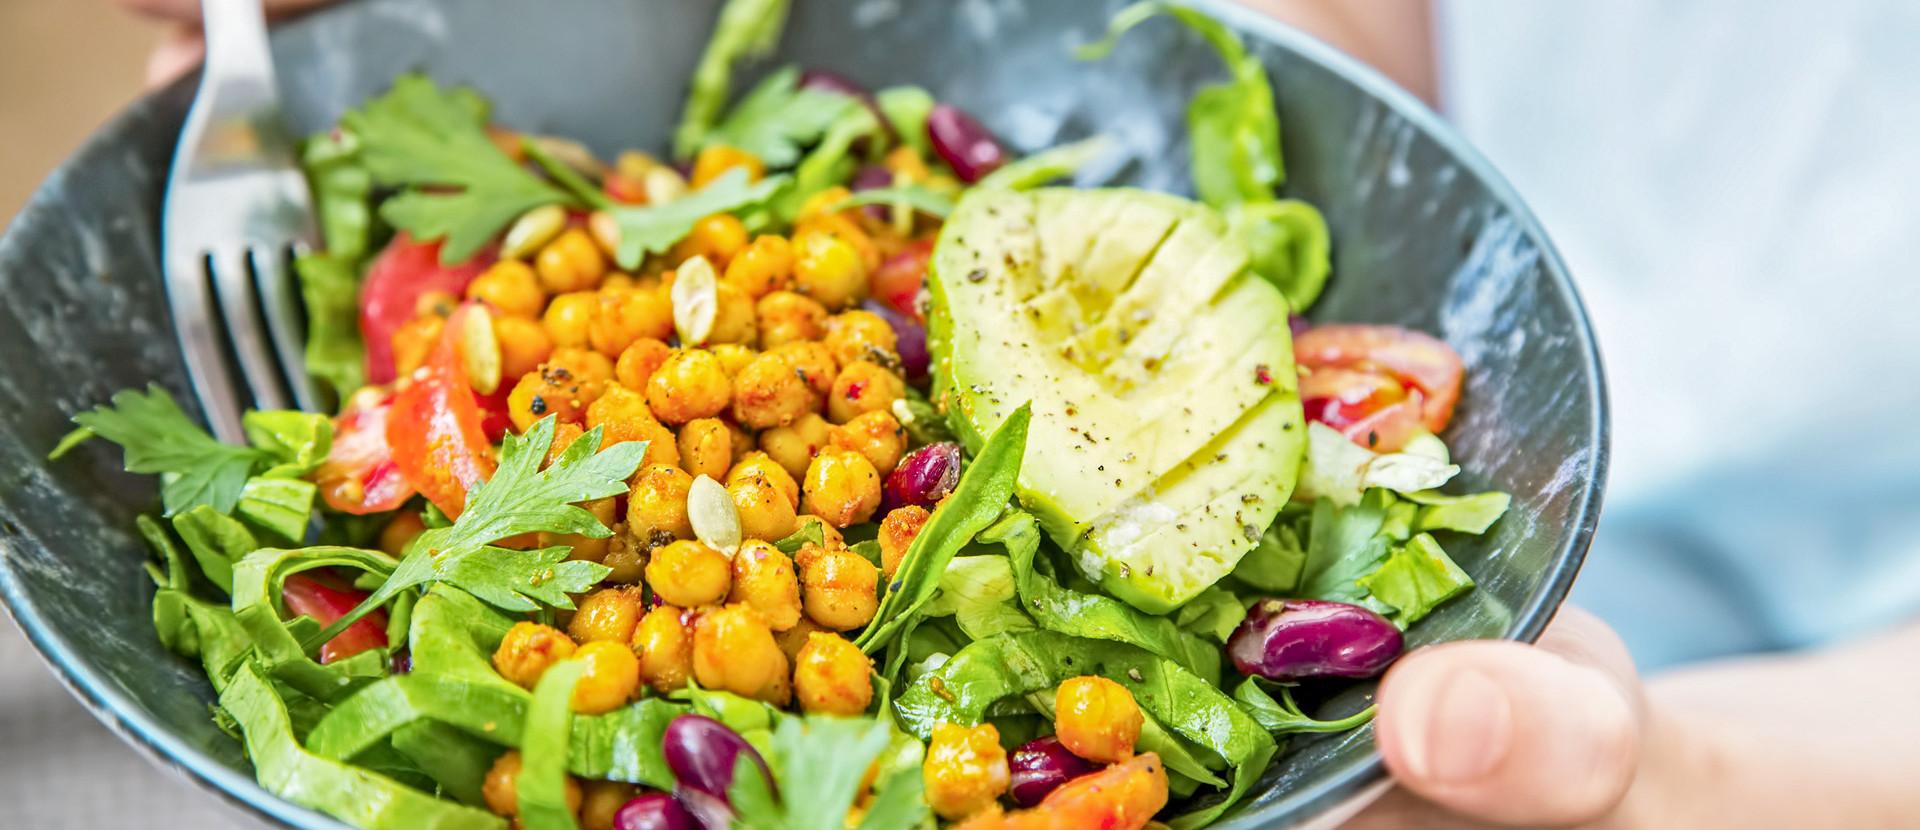 Ernährung Salad Bowl in zwei Händen